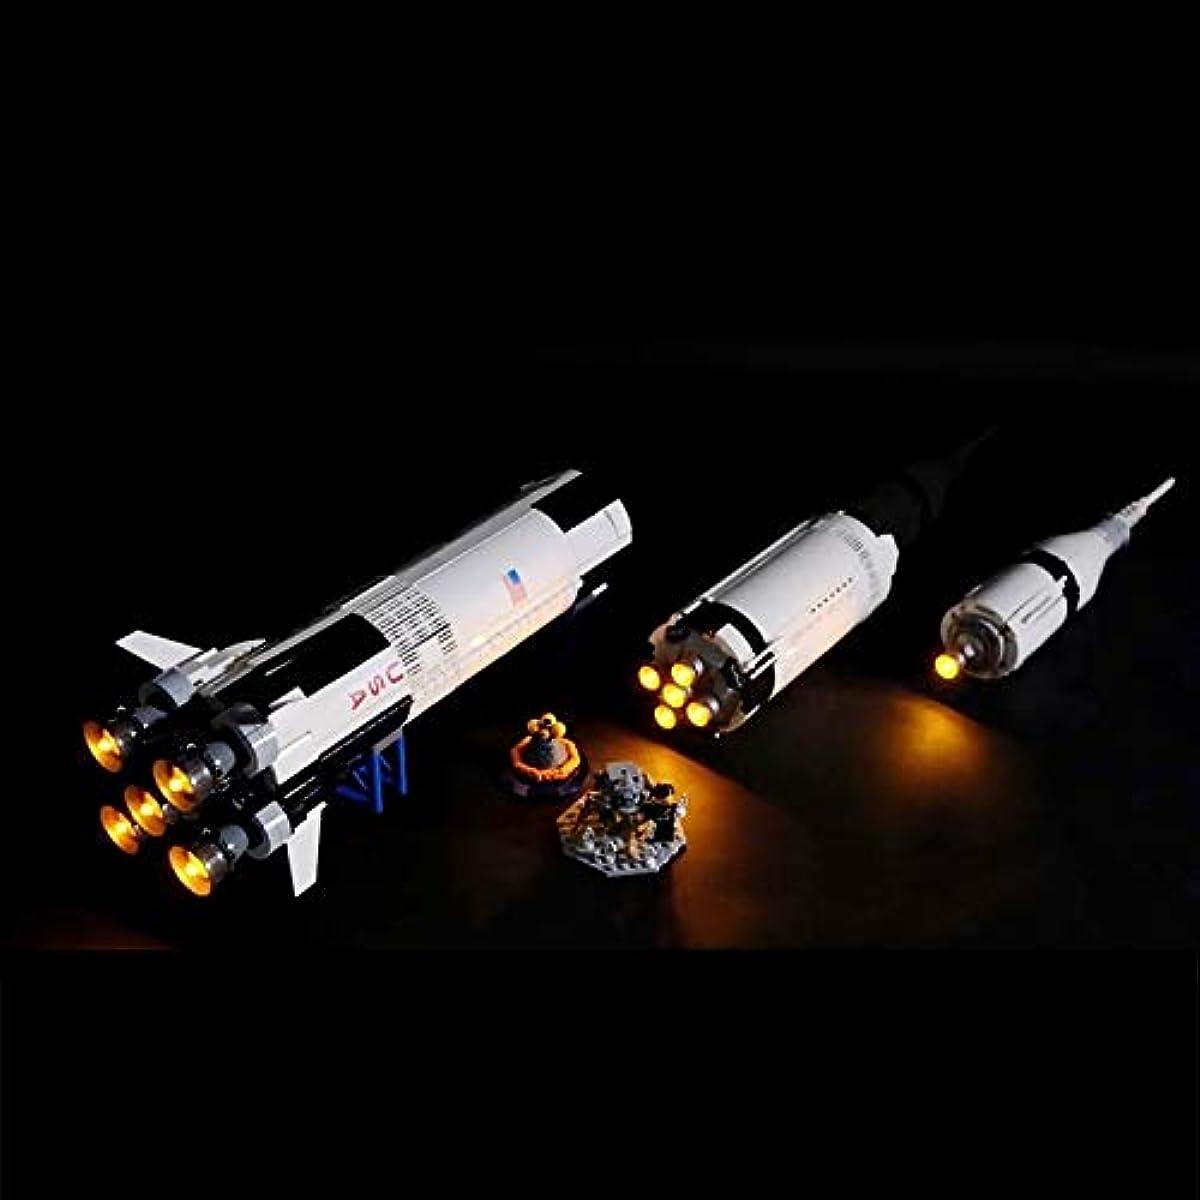 [해외] LEGO 레고 아이디어 21309 호환 NASA 아폴로 계획 새턴V LED 라이트 키트